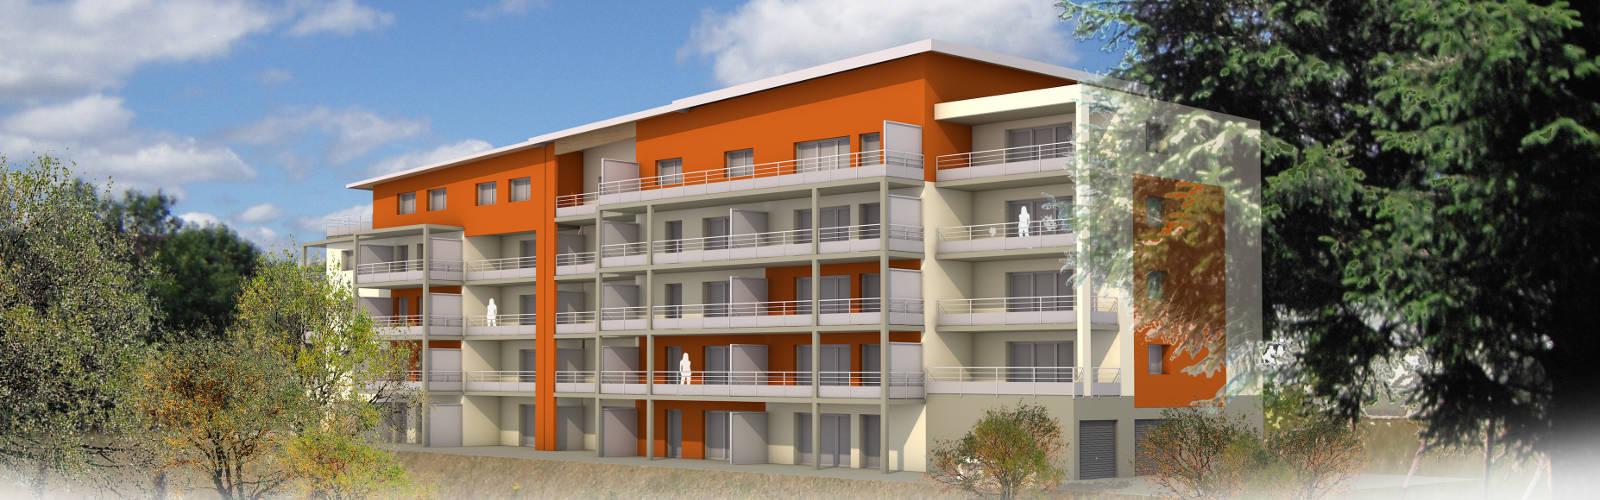 Vous cherchez un logement neuf dans le Haut-Doubs?